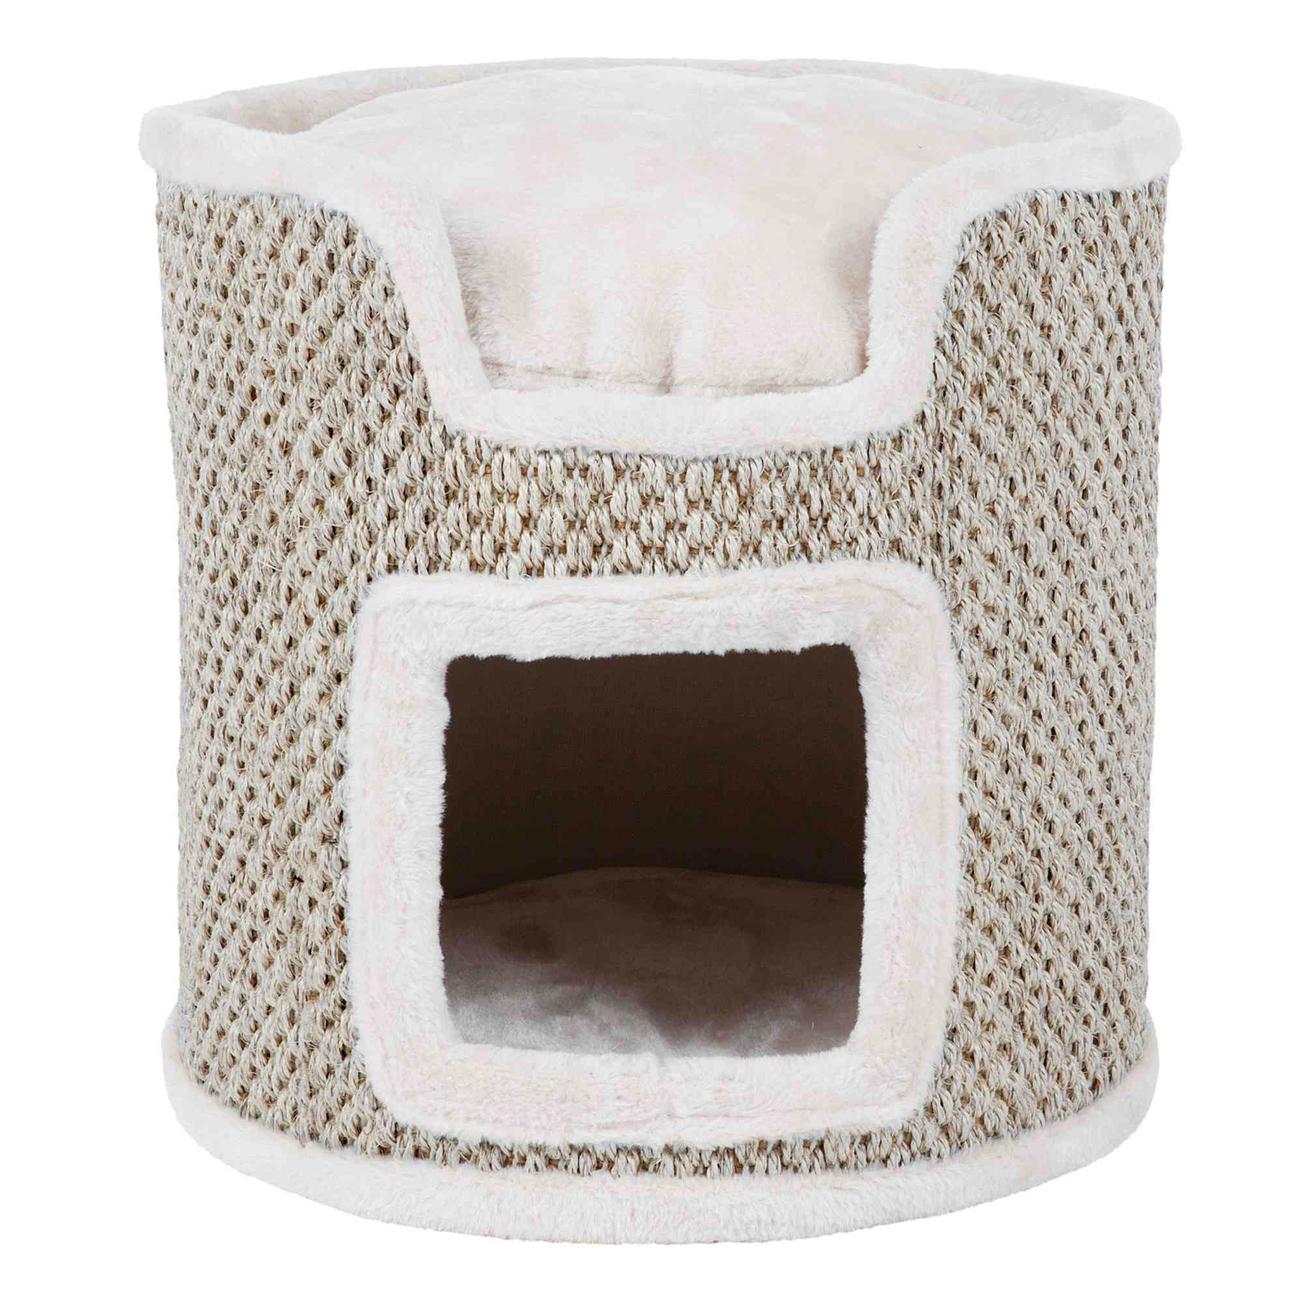 Trixie Katzenturm Cat Tower Ria 44706, Bild 2